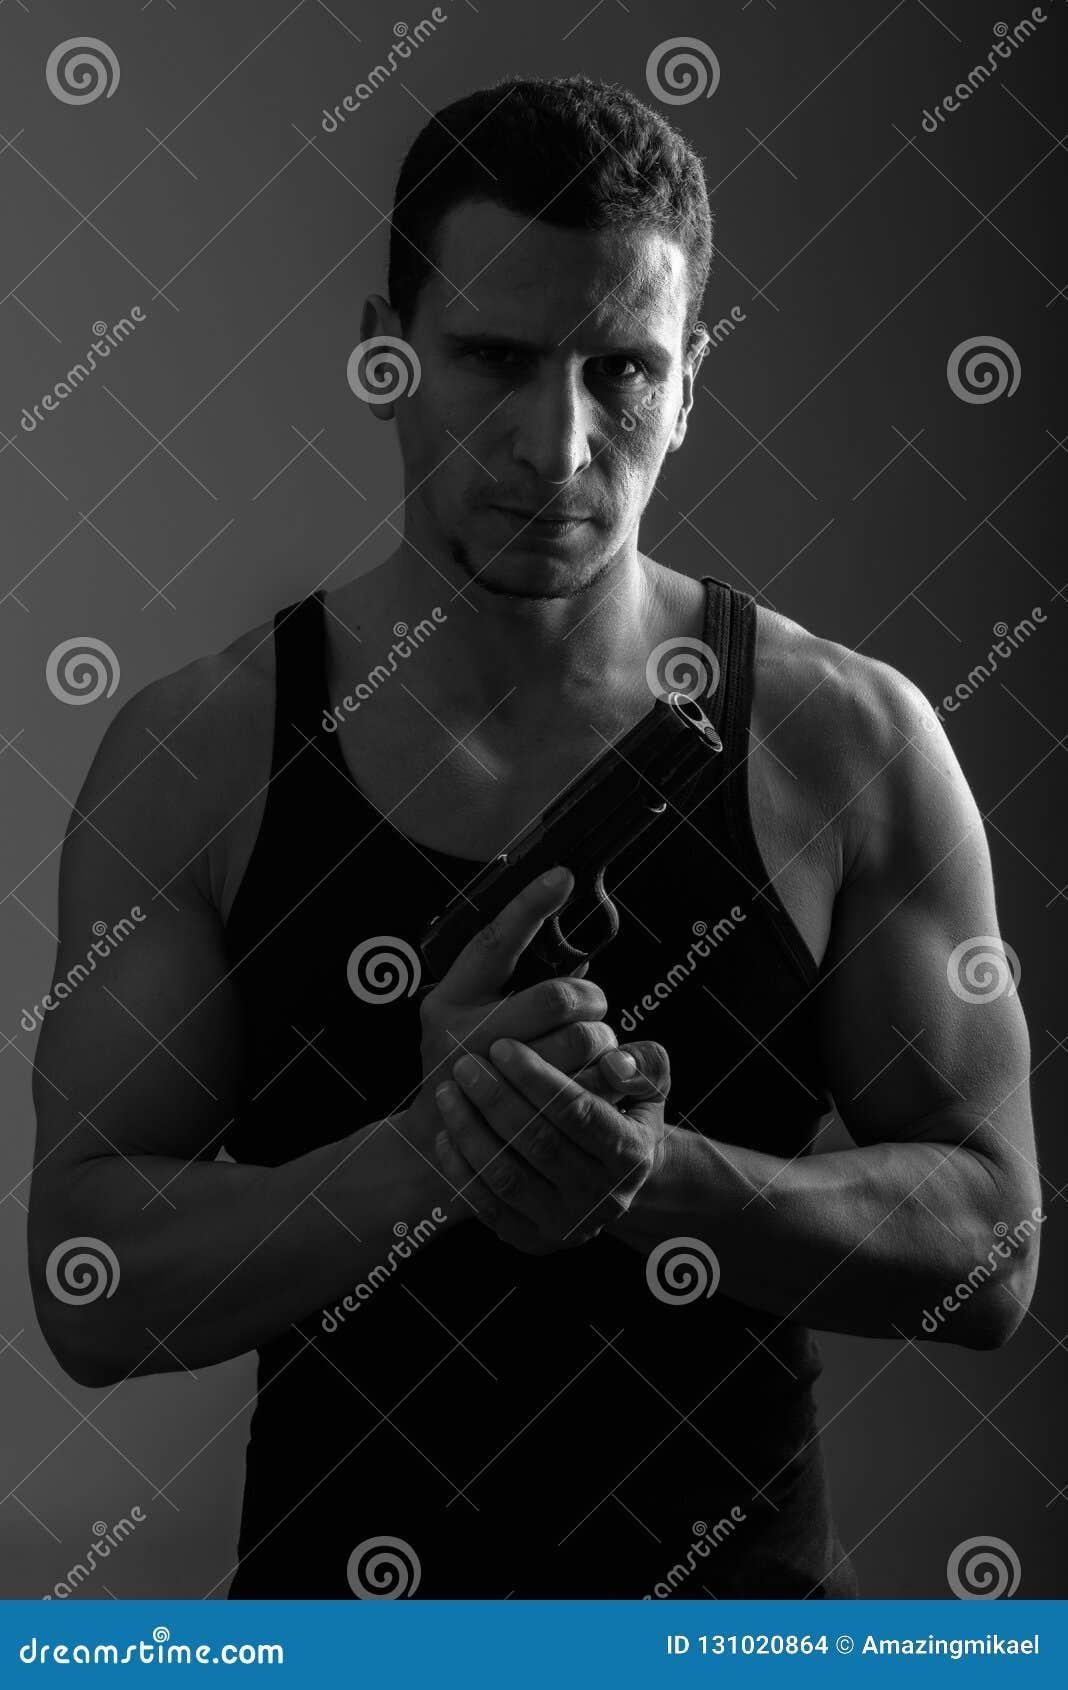 Muscular Man Gun Stock Images - Download 676 Royalty Free